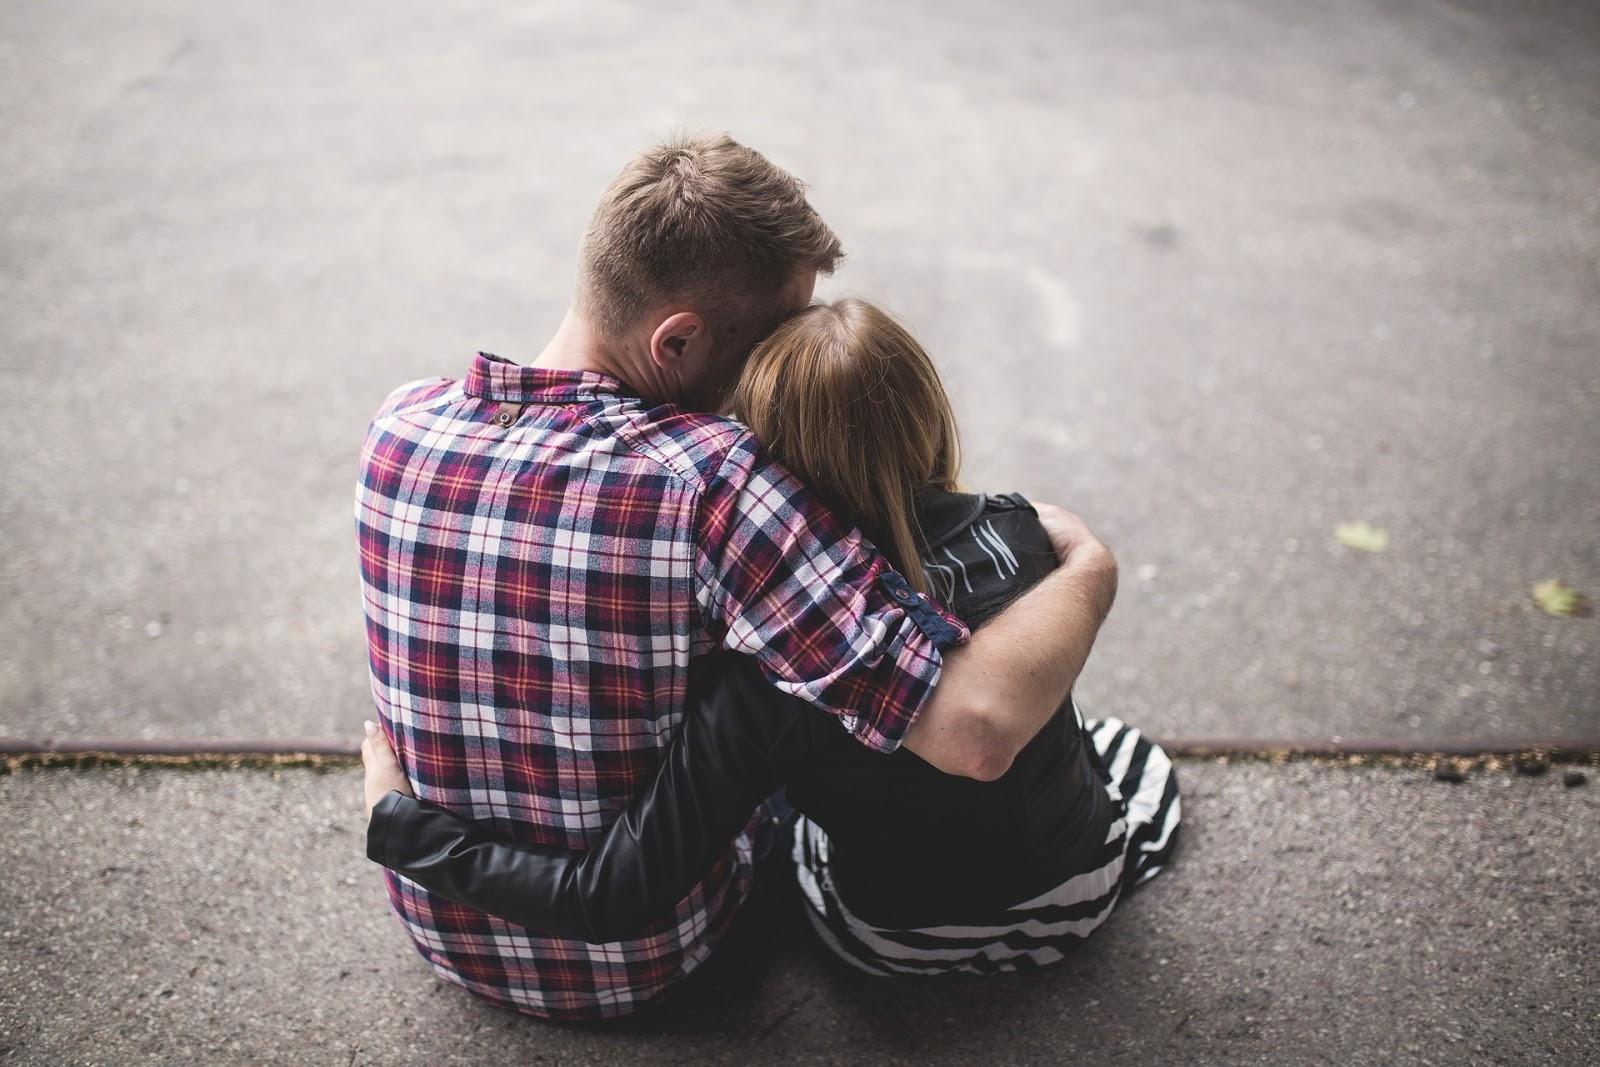 Verliebte frauen verhalten